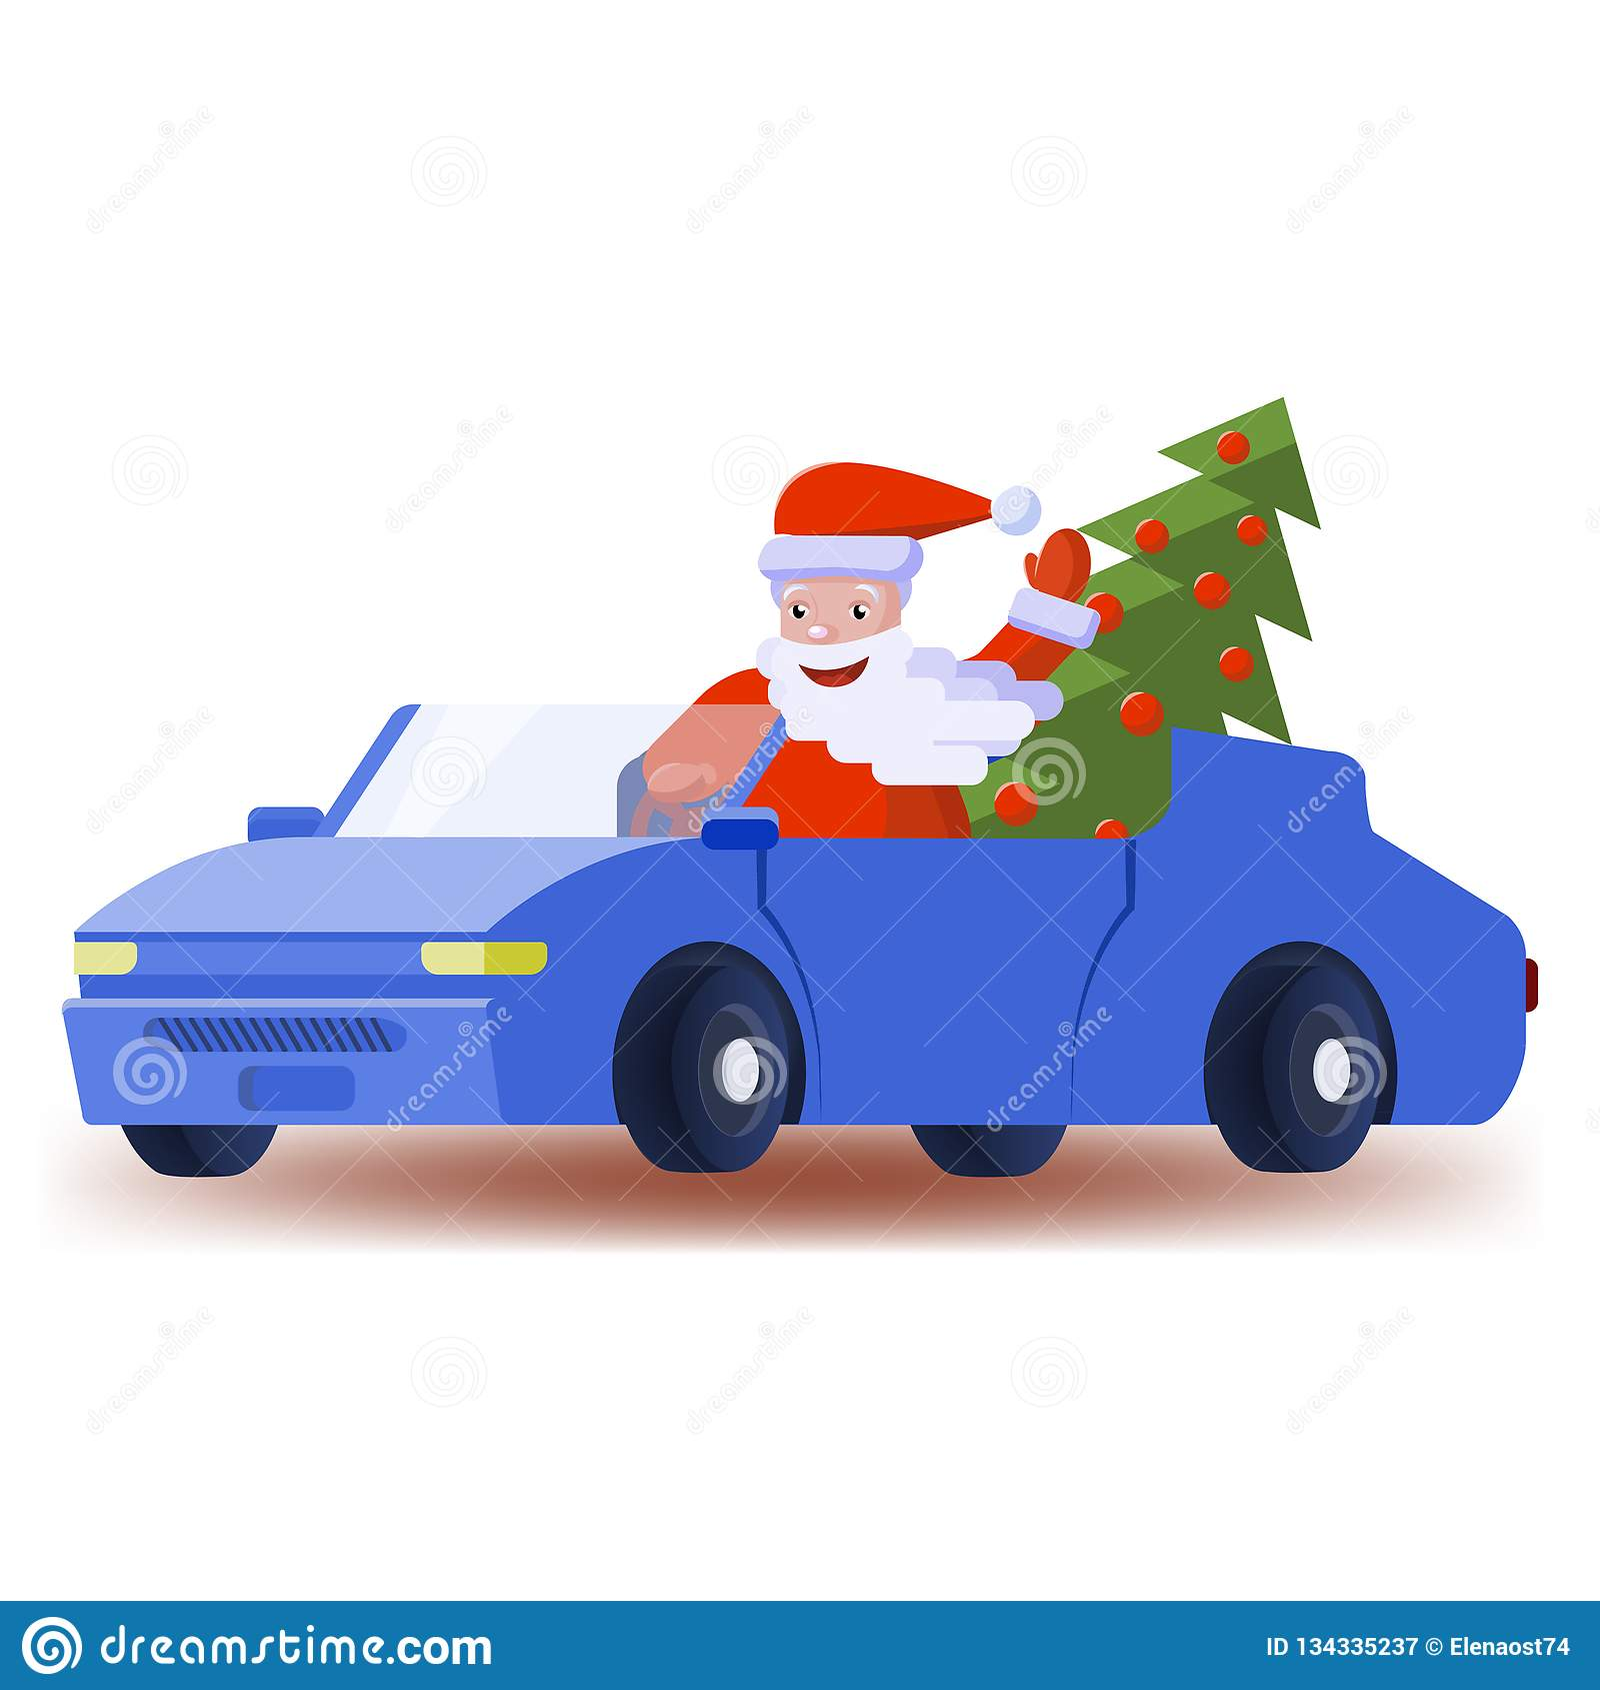 Санта Клаус управляет автомобилем с элегантной рождественской елкой